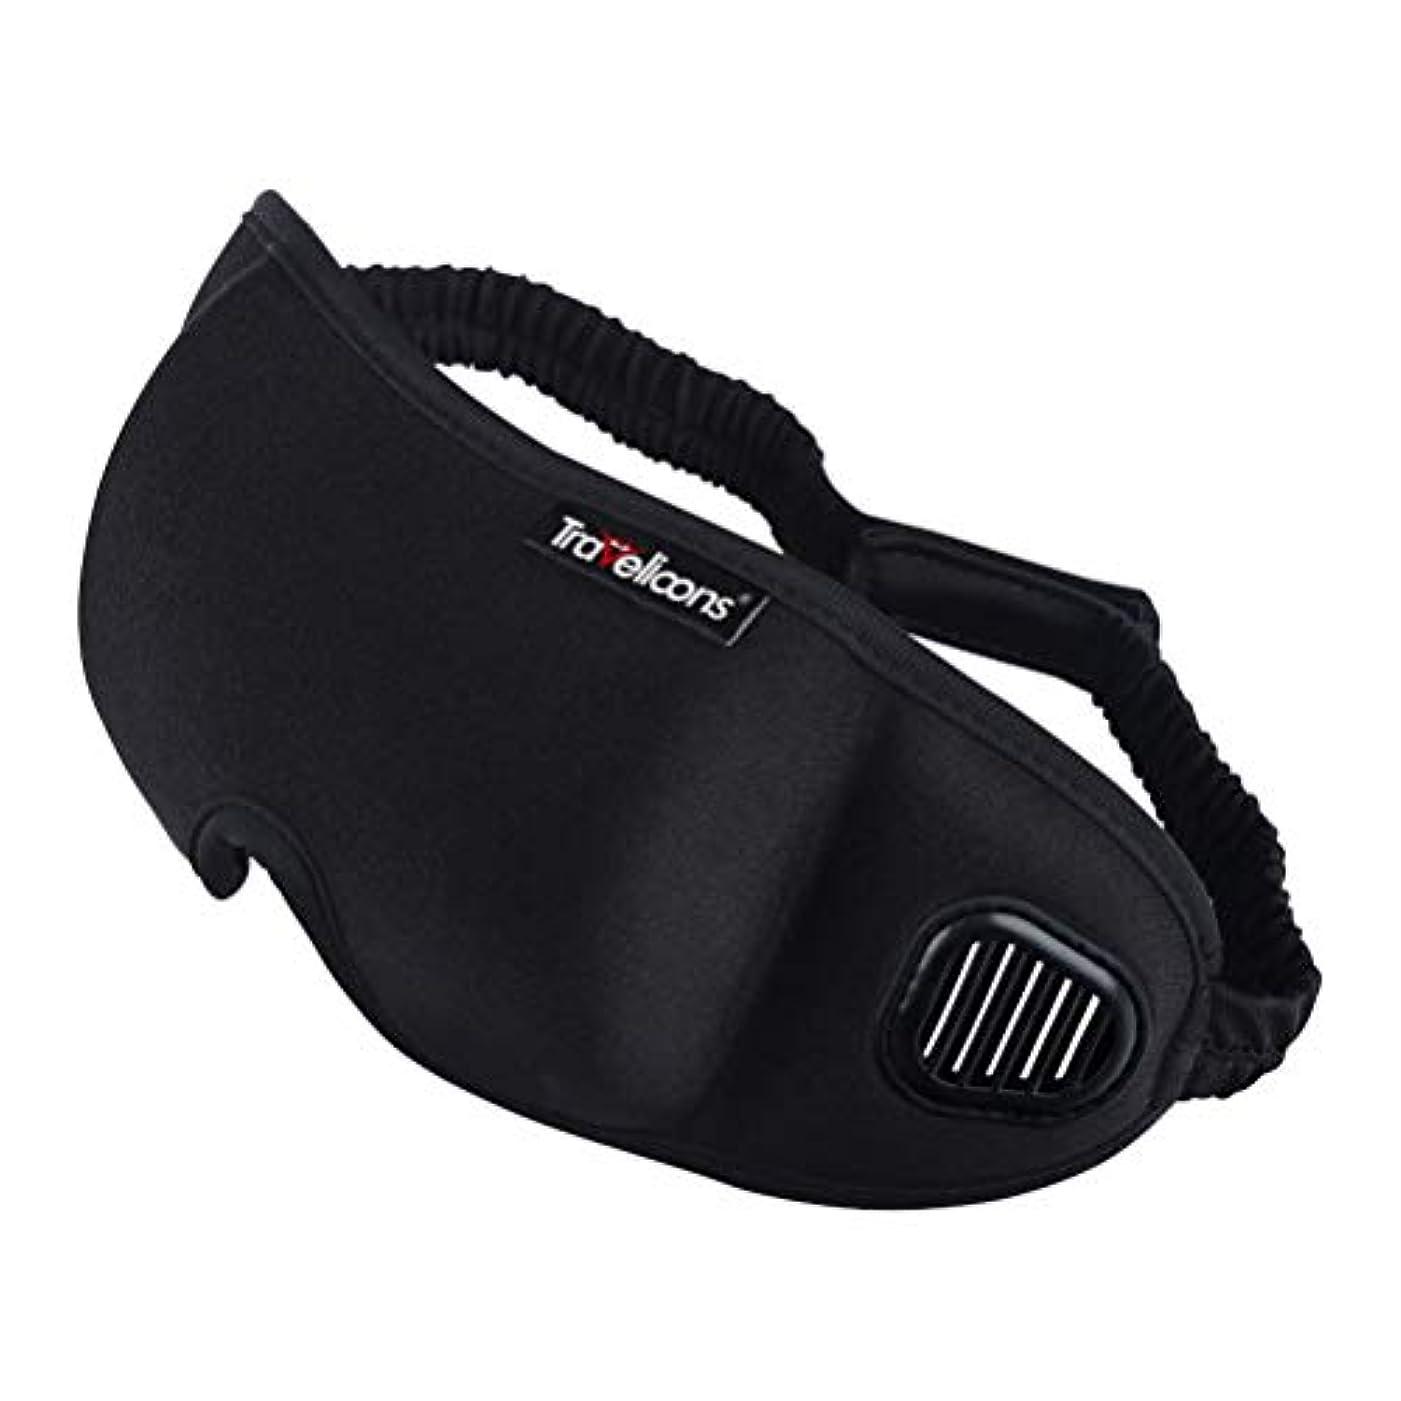 Healifty 旅行の家の使用のための3D睡眠のマスクの通気性の綿の目隠しをしている睡眠の睡眠(耳栓のない黒)